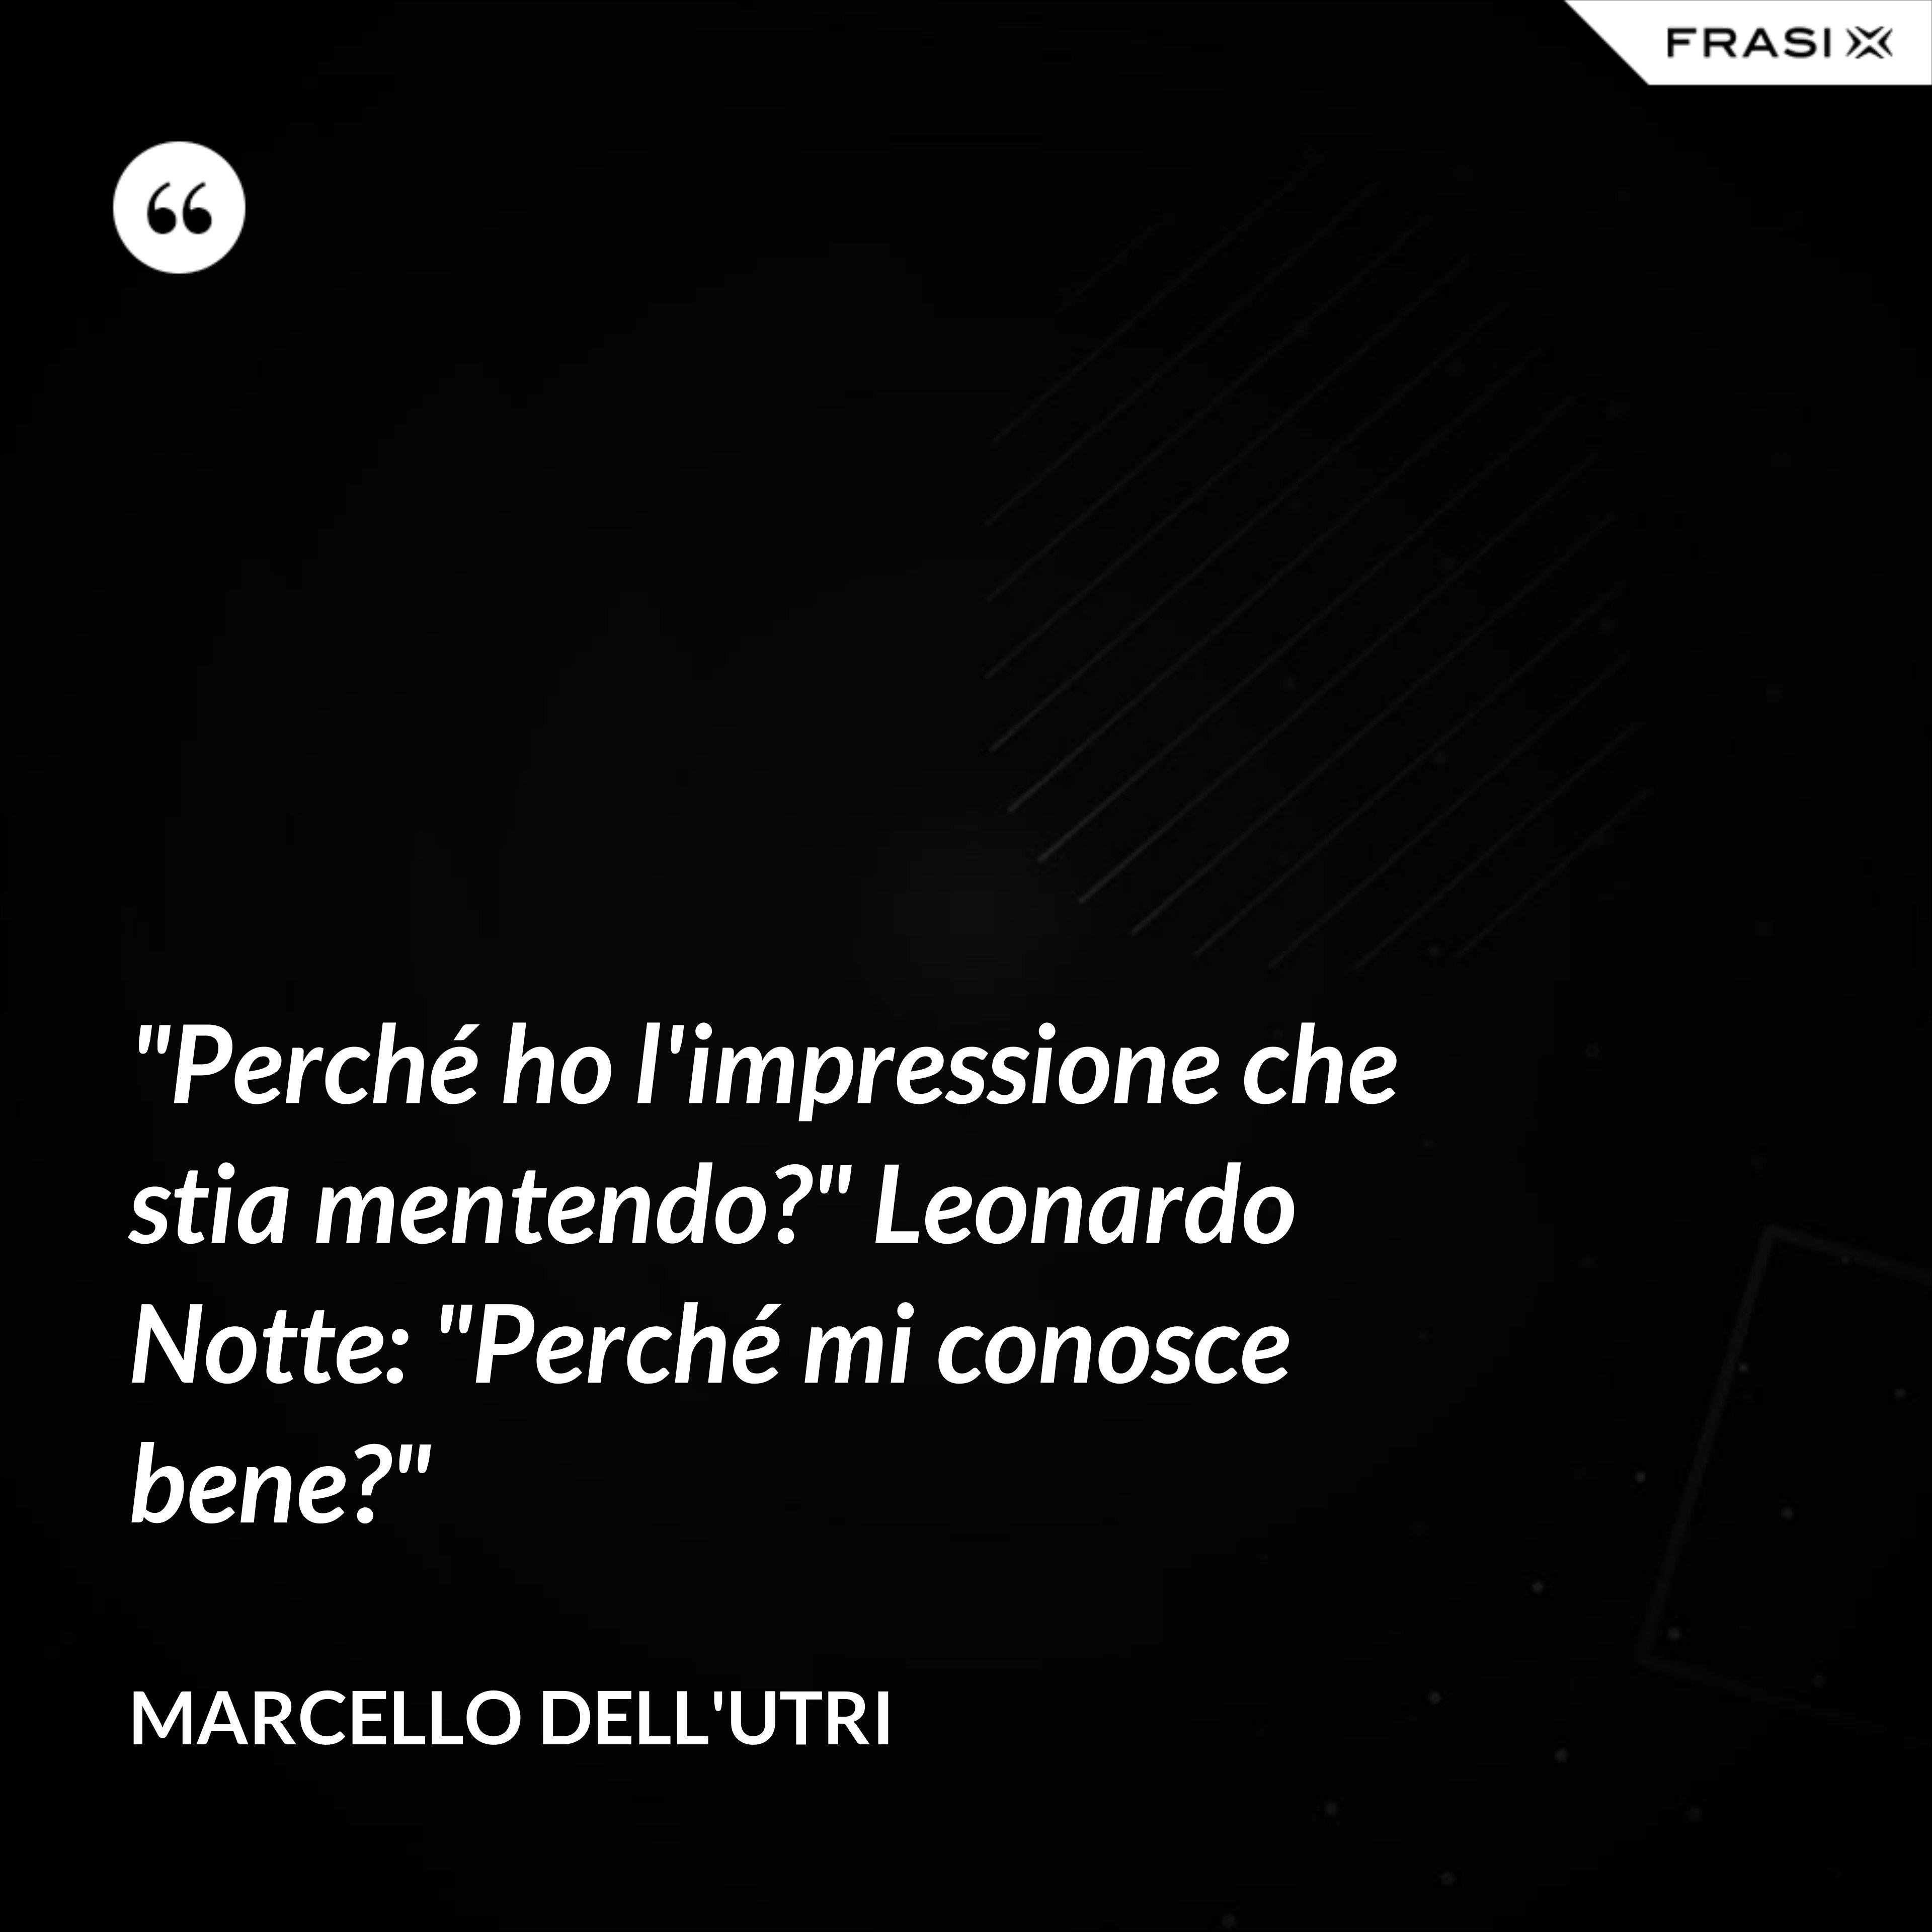 """""""Perché ho l'impressione che stia mentendo?"""" Leonardo Notte: """"Perché mi conosce bene?"""" - Marcello Dell'Utri"""